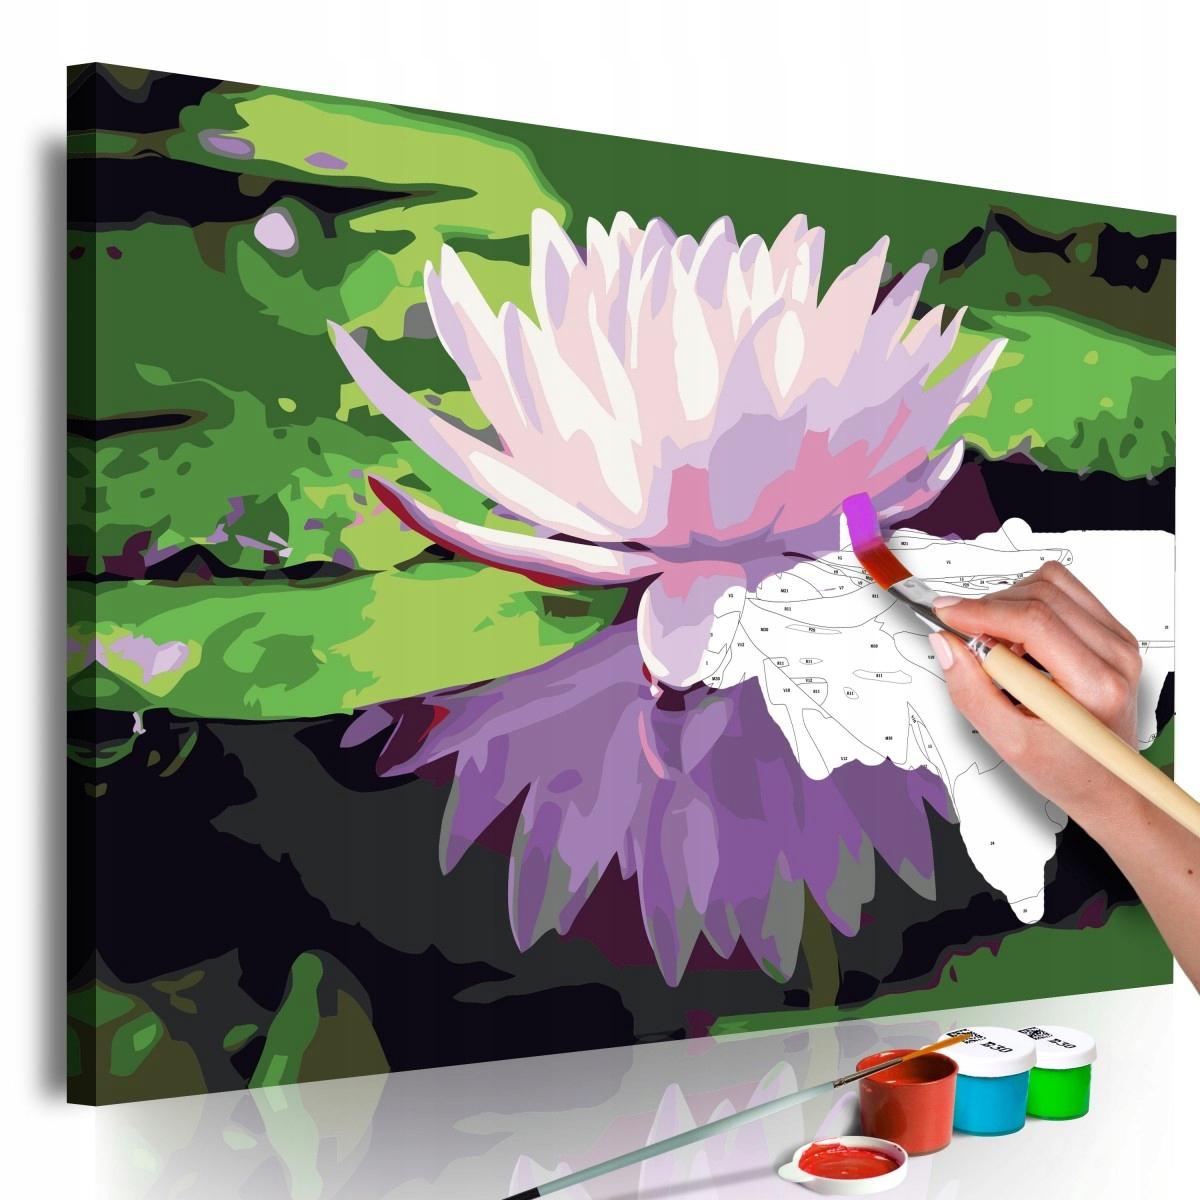 Obraz do samodzielnego malowania - Lilia wodna (Ro